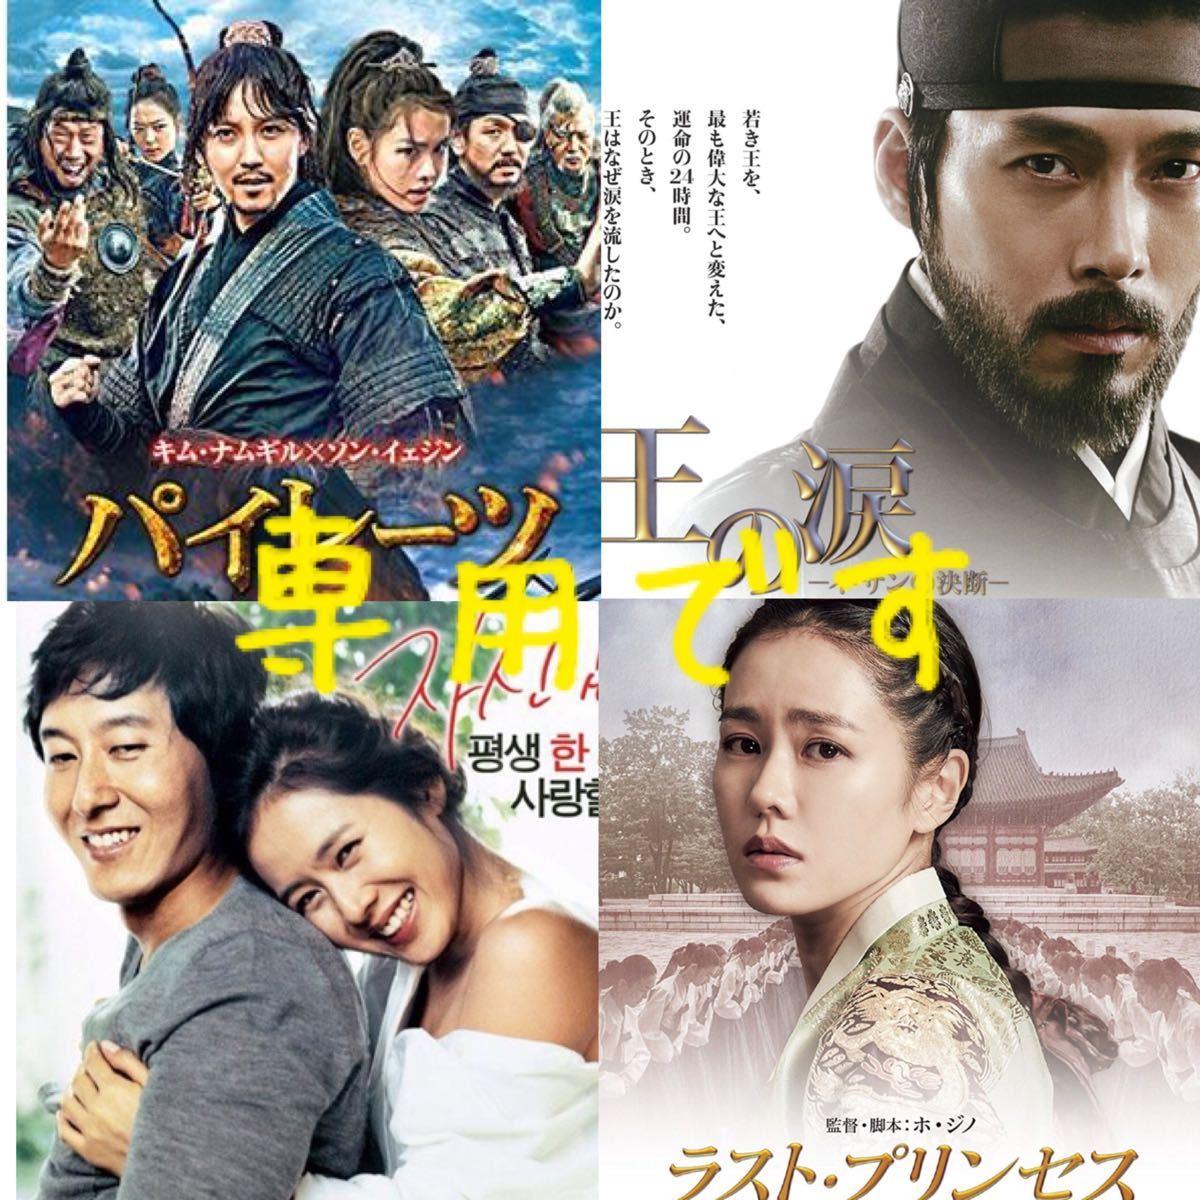 専用です。韓国映画 ラストプリンセス パイレーツ 妻が結婚した DVD 3点セット+おまけ1枚 レーベル有り